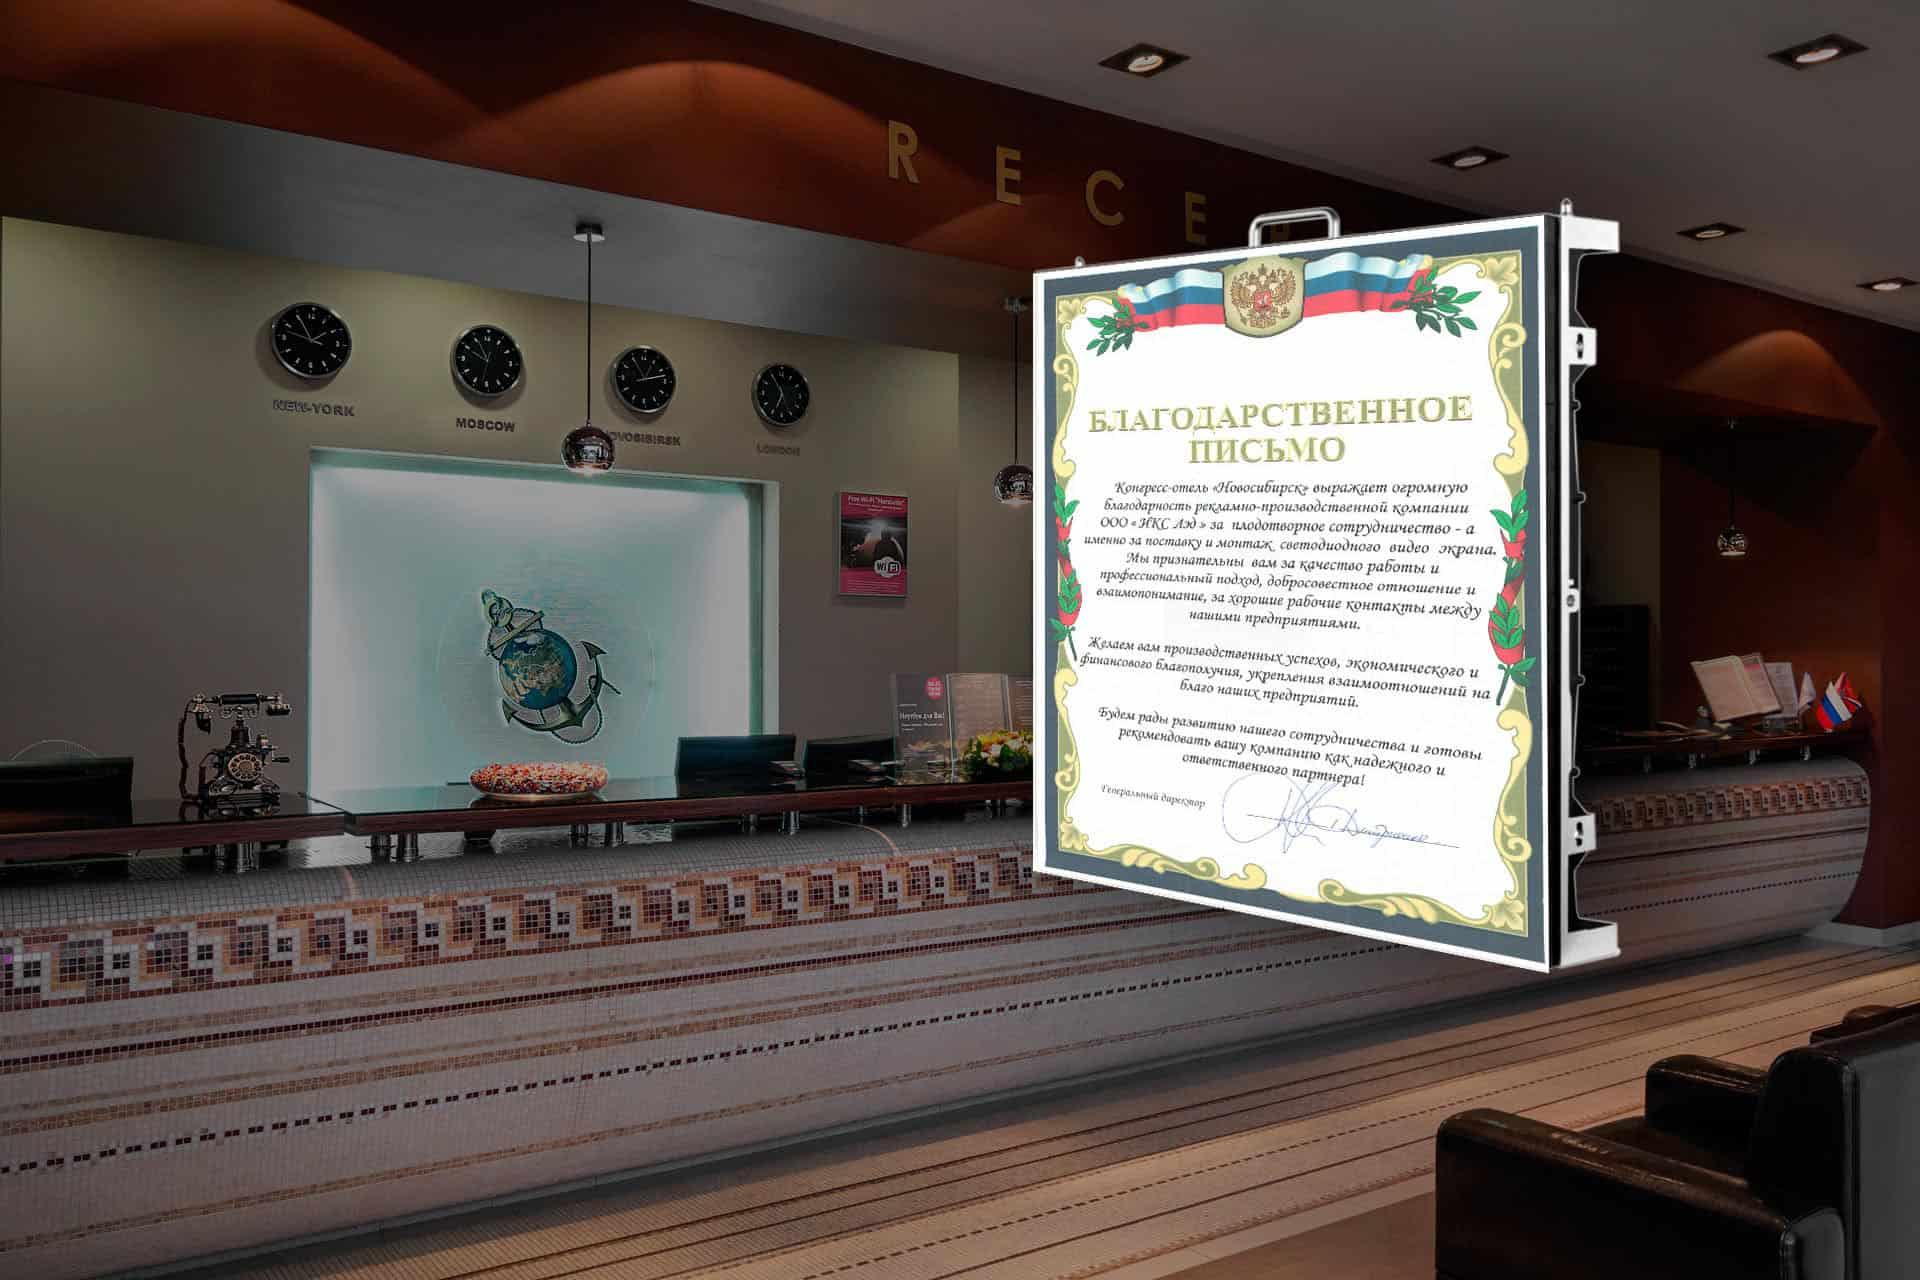 A letter of thanks from Конгресс отель Новосибирск.